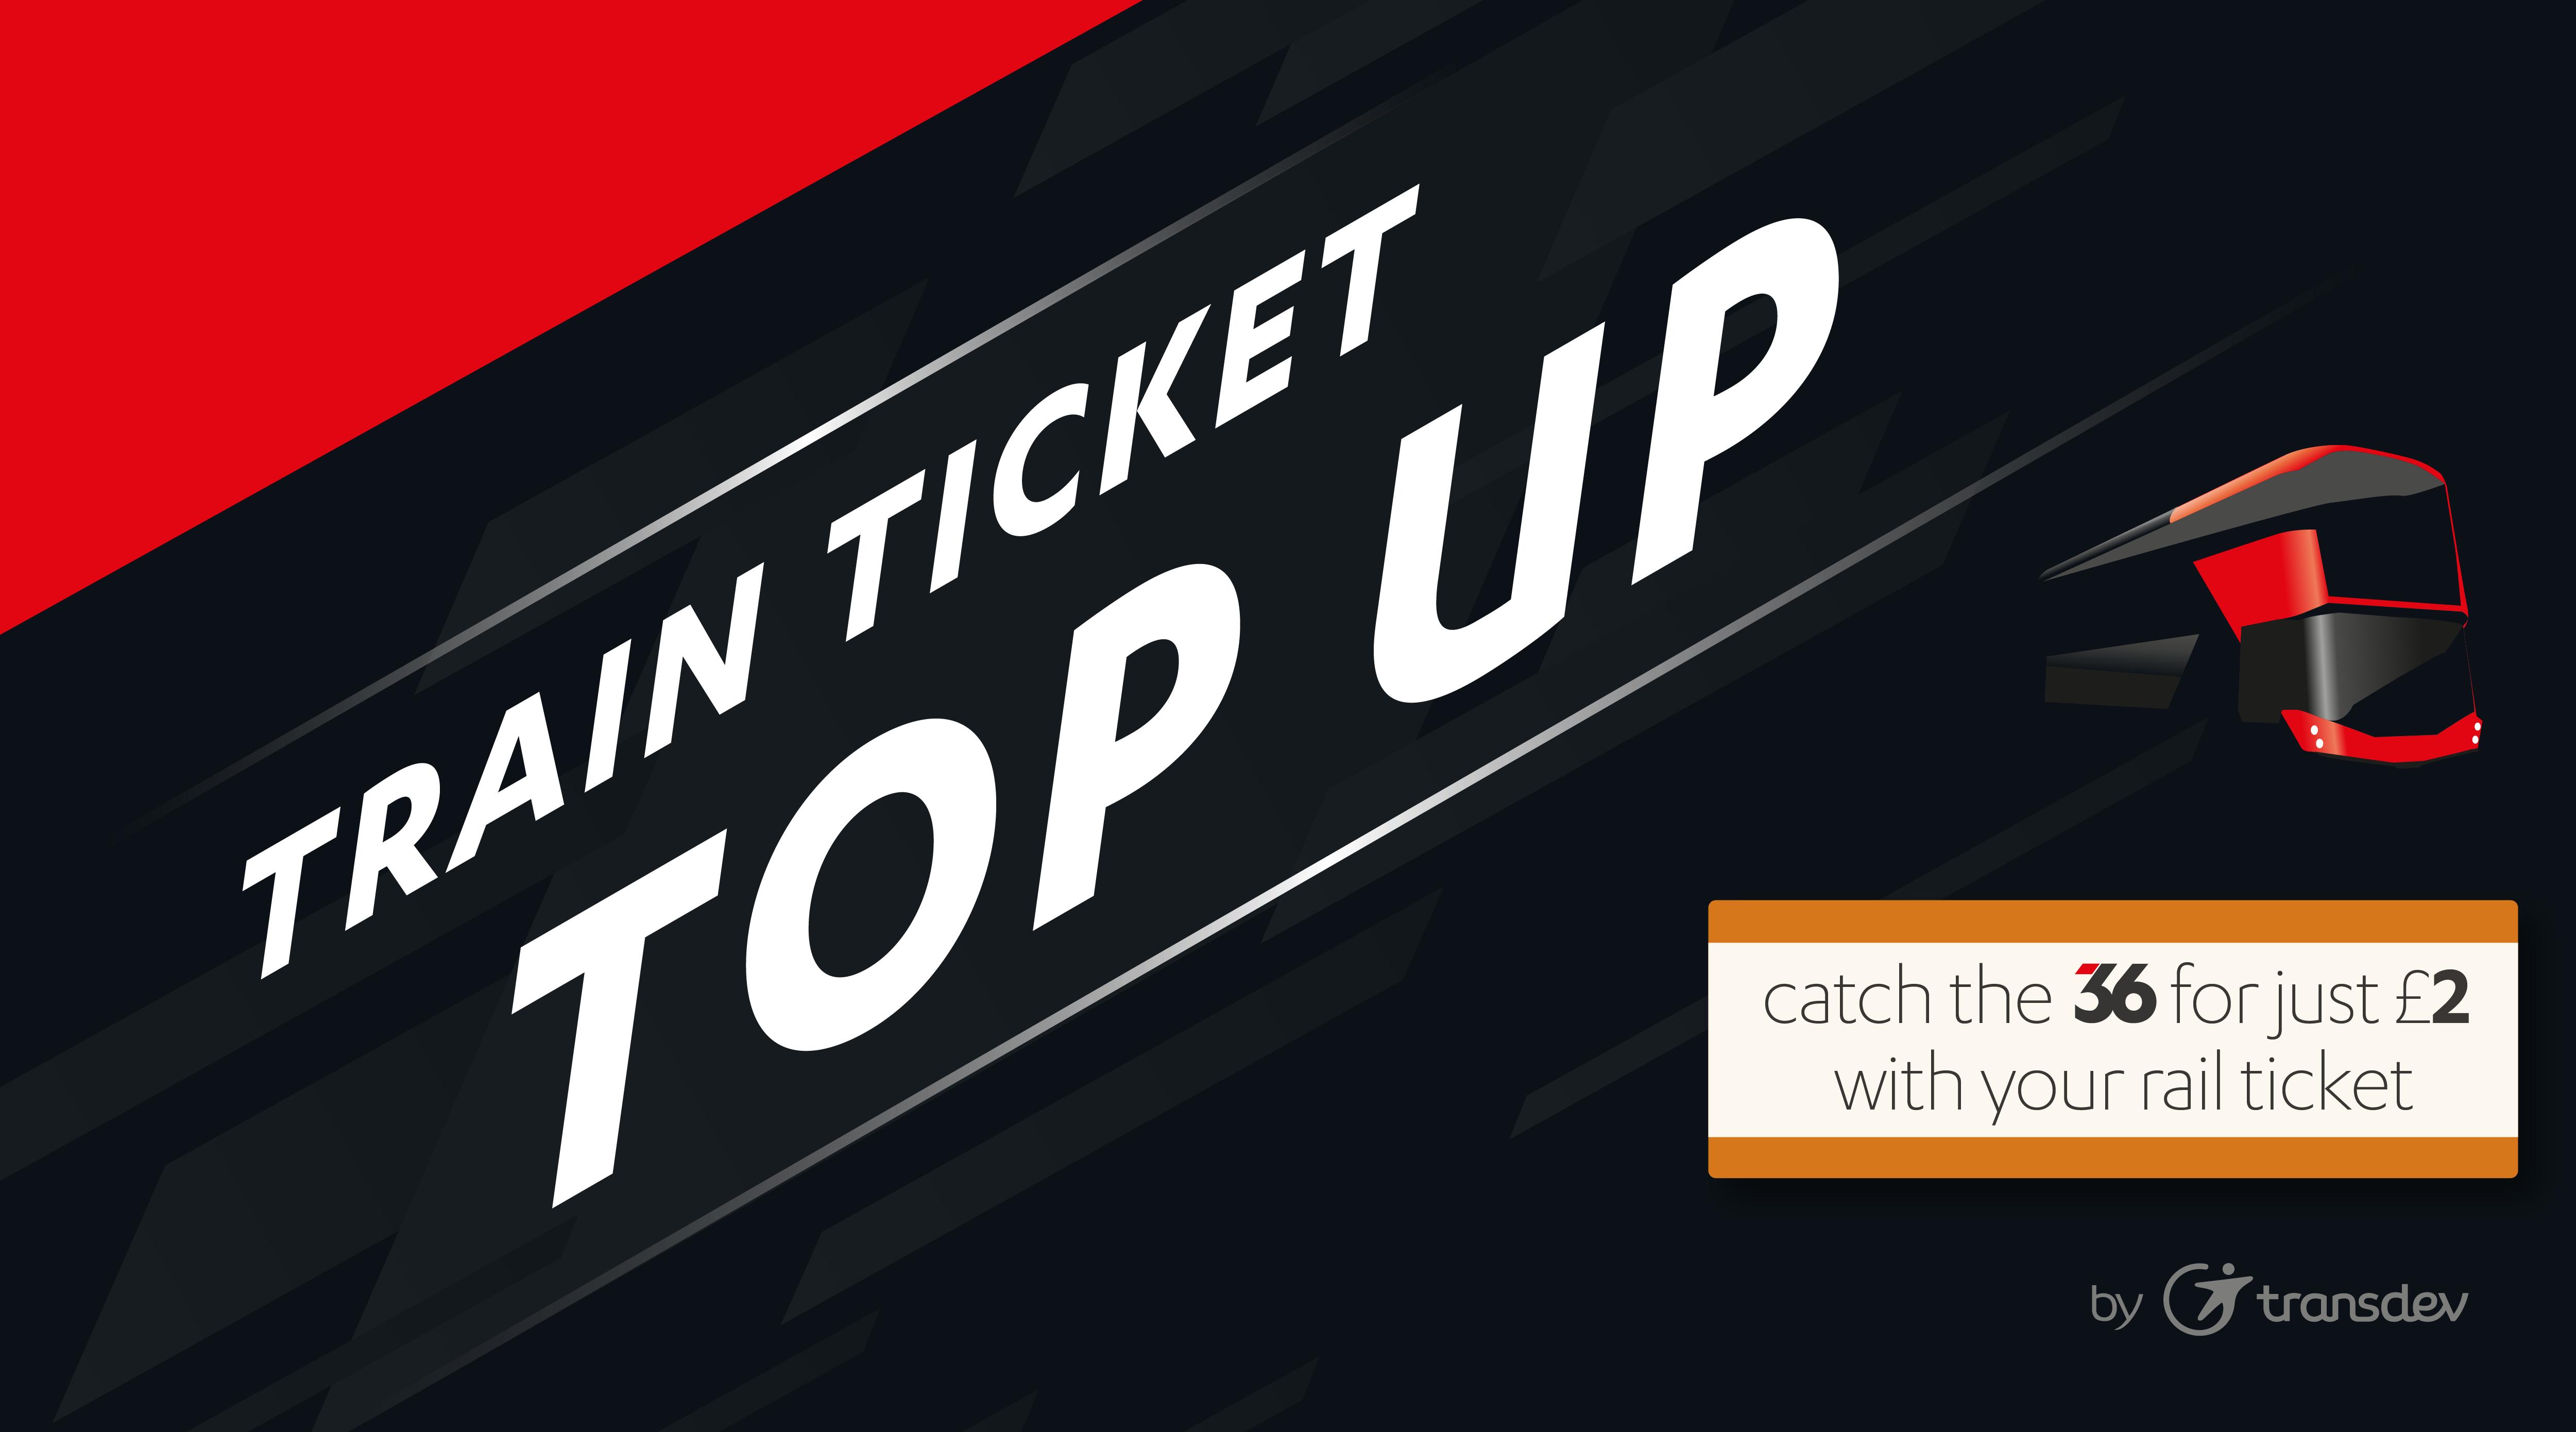 Train ticket topup